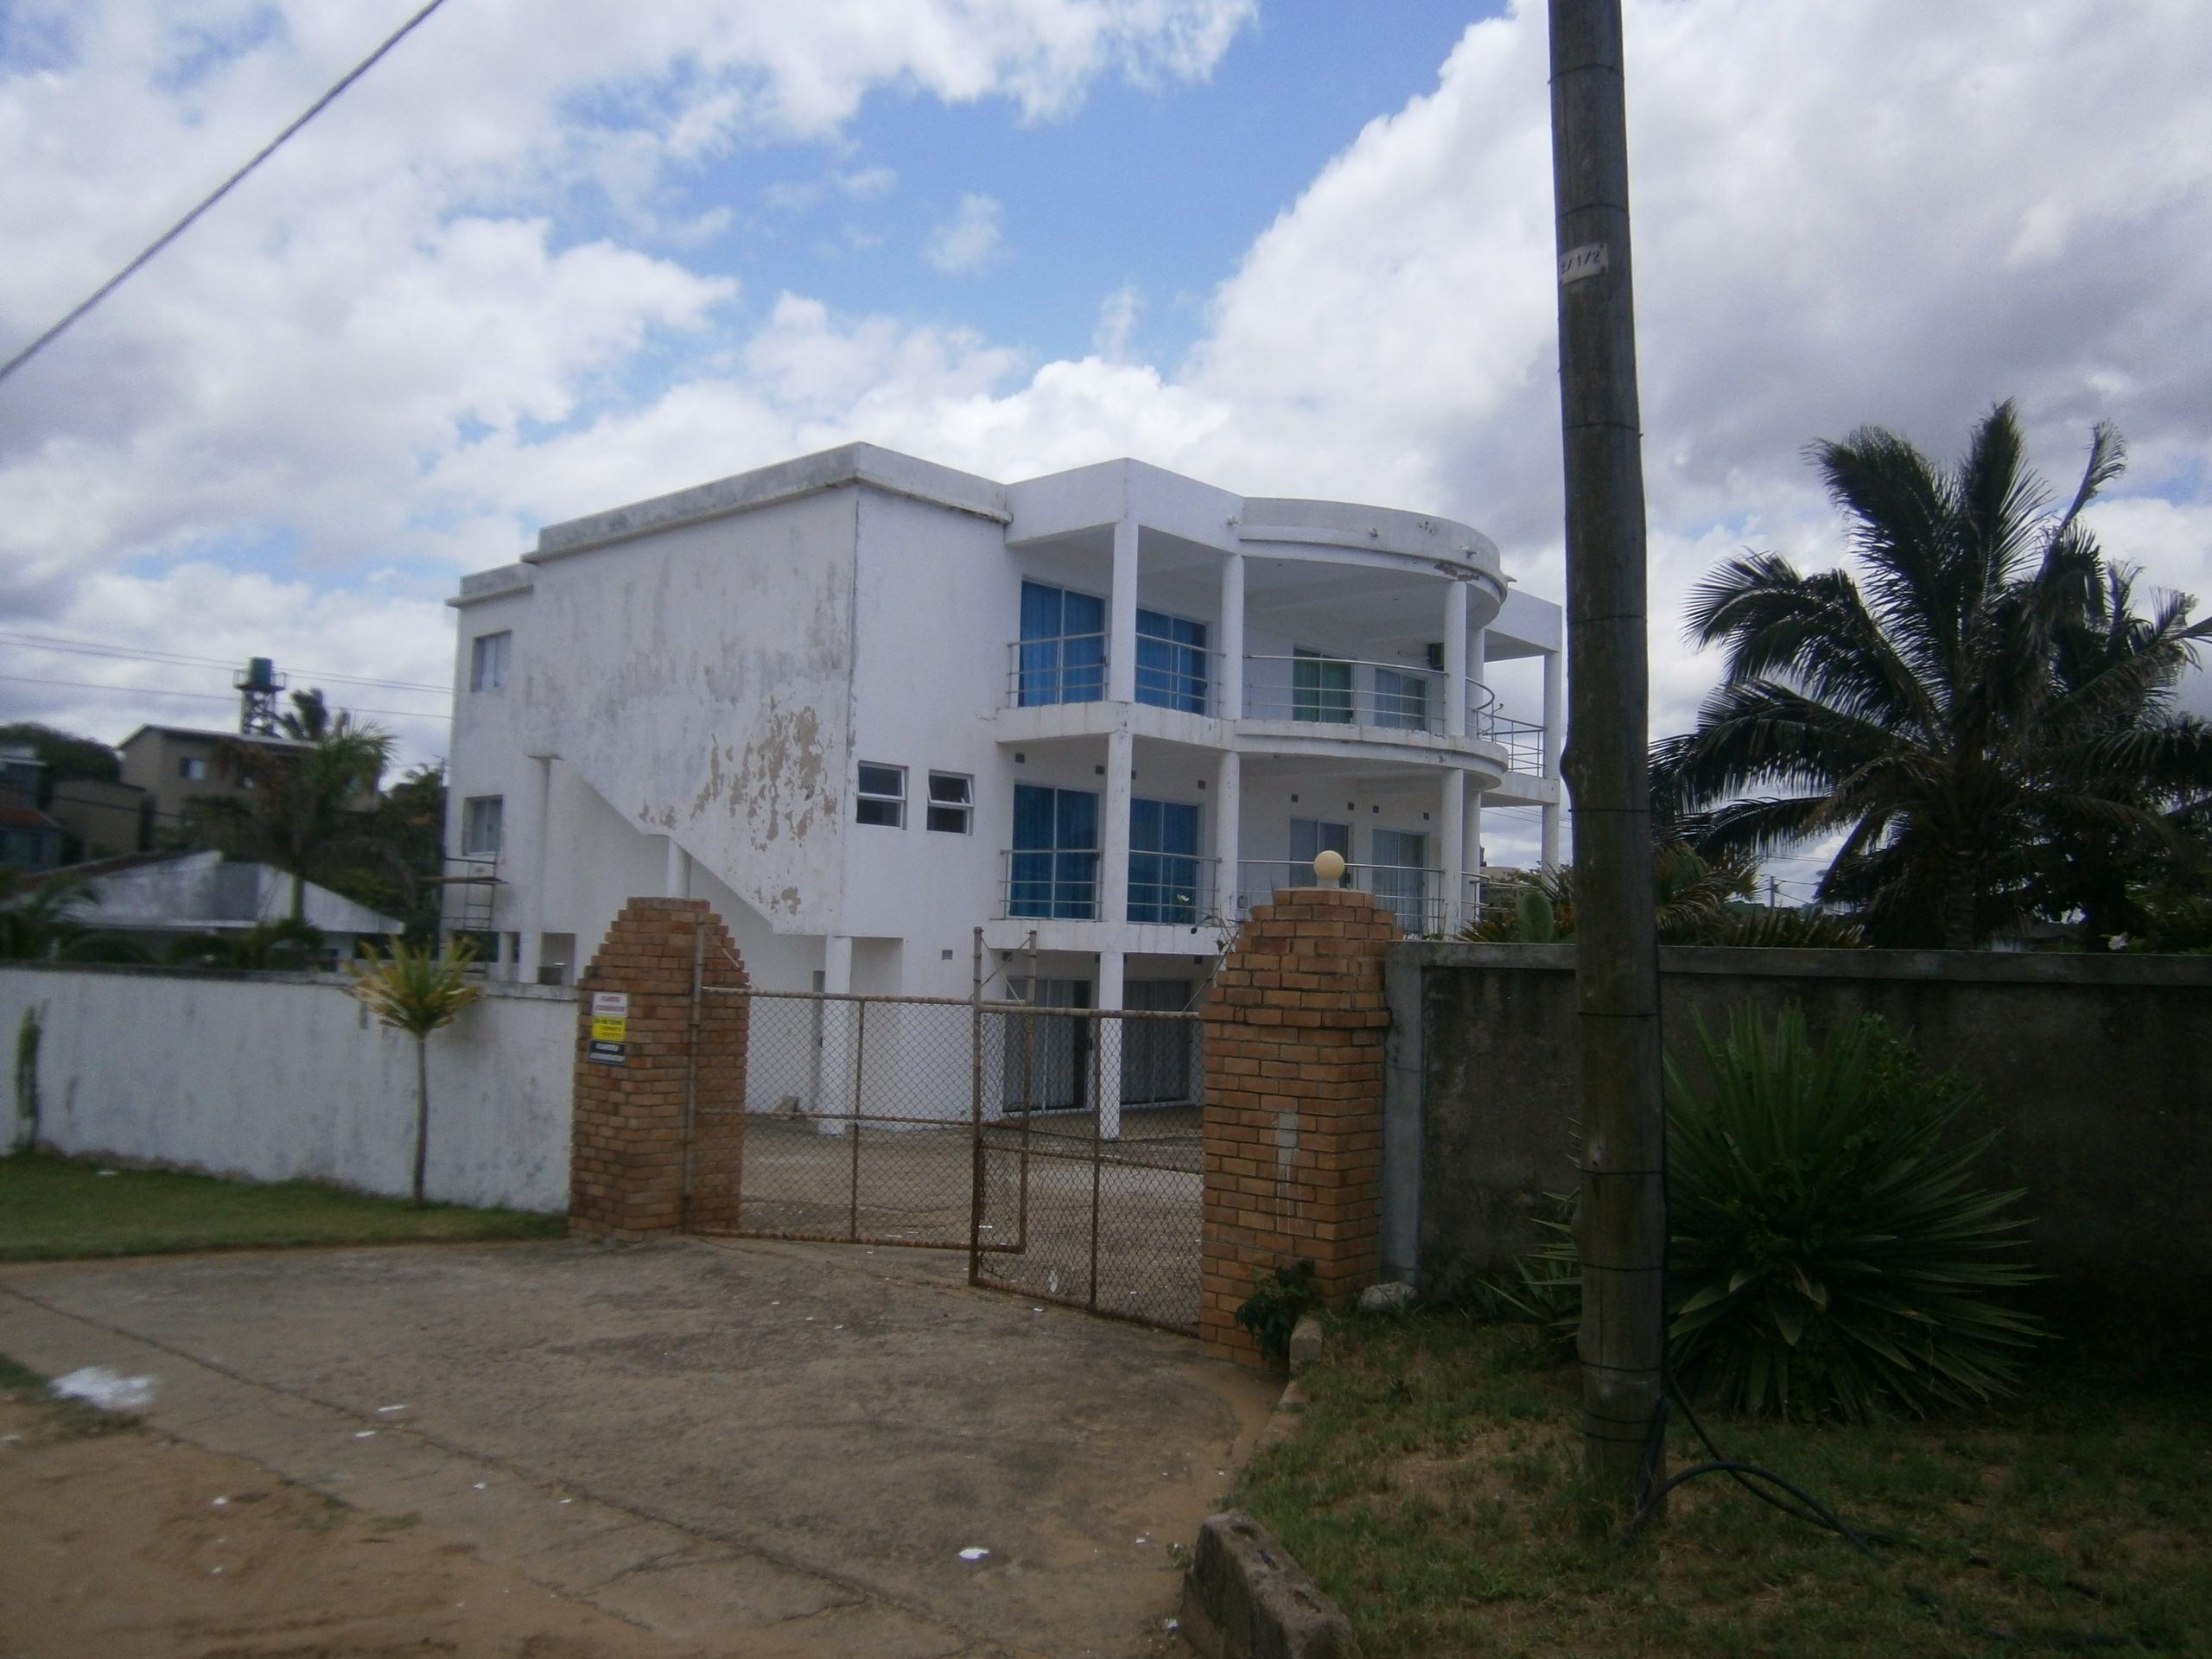 Triple story house